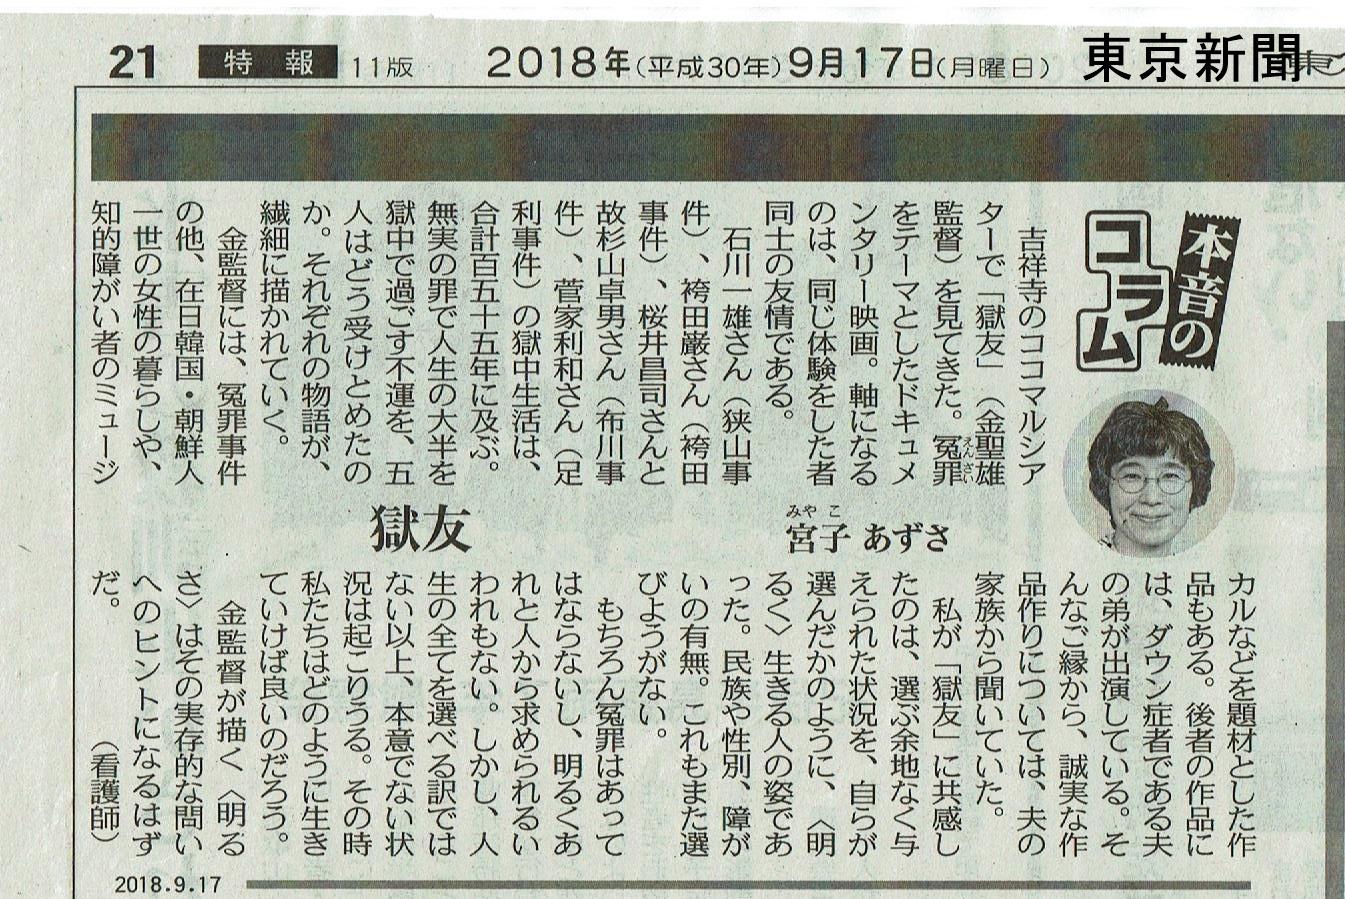 2018.9.17 東京新聞